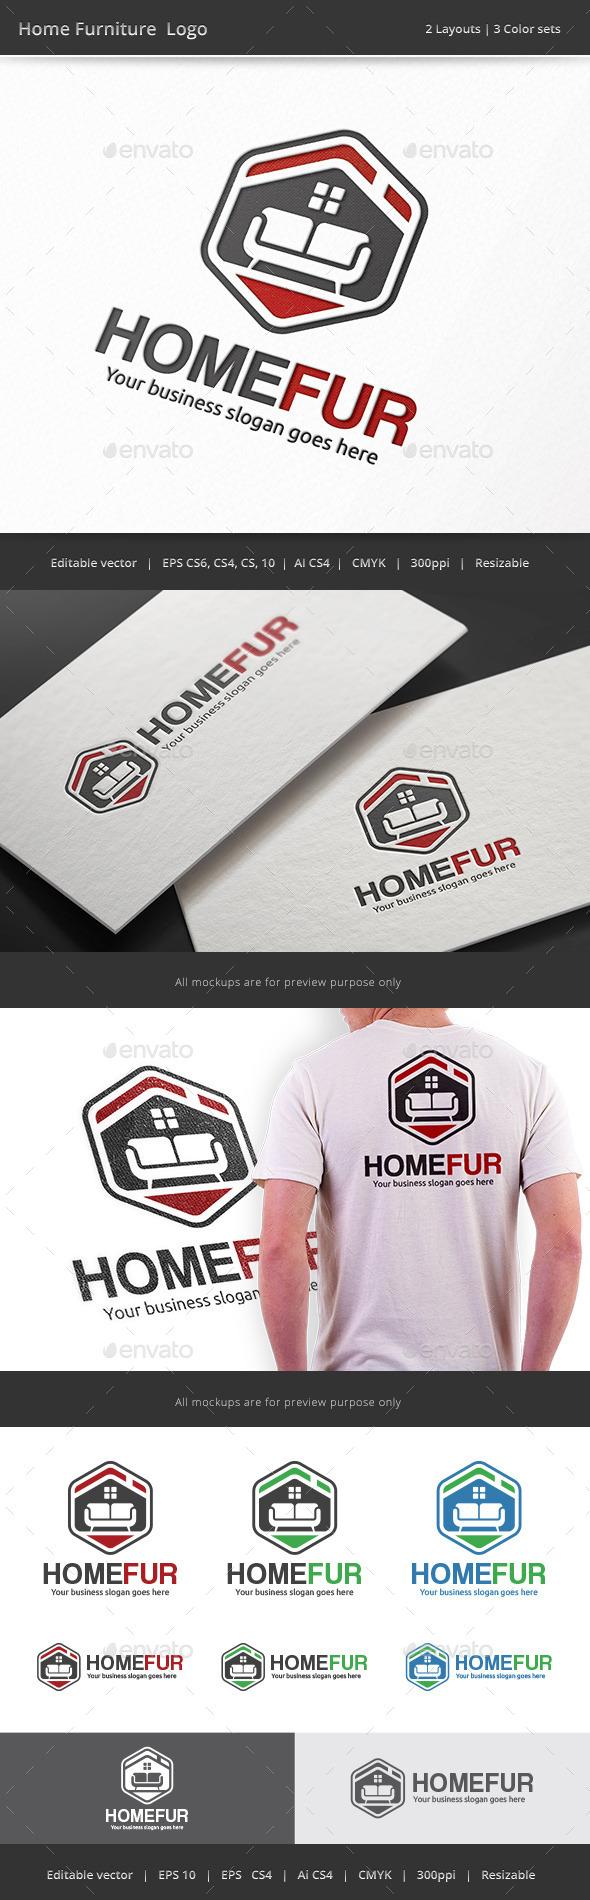 GraphicRiver Home Furniture Logo 9081214